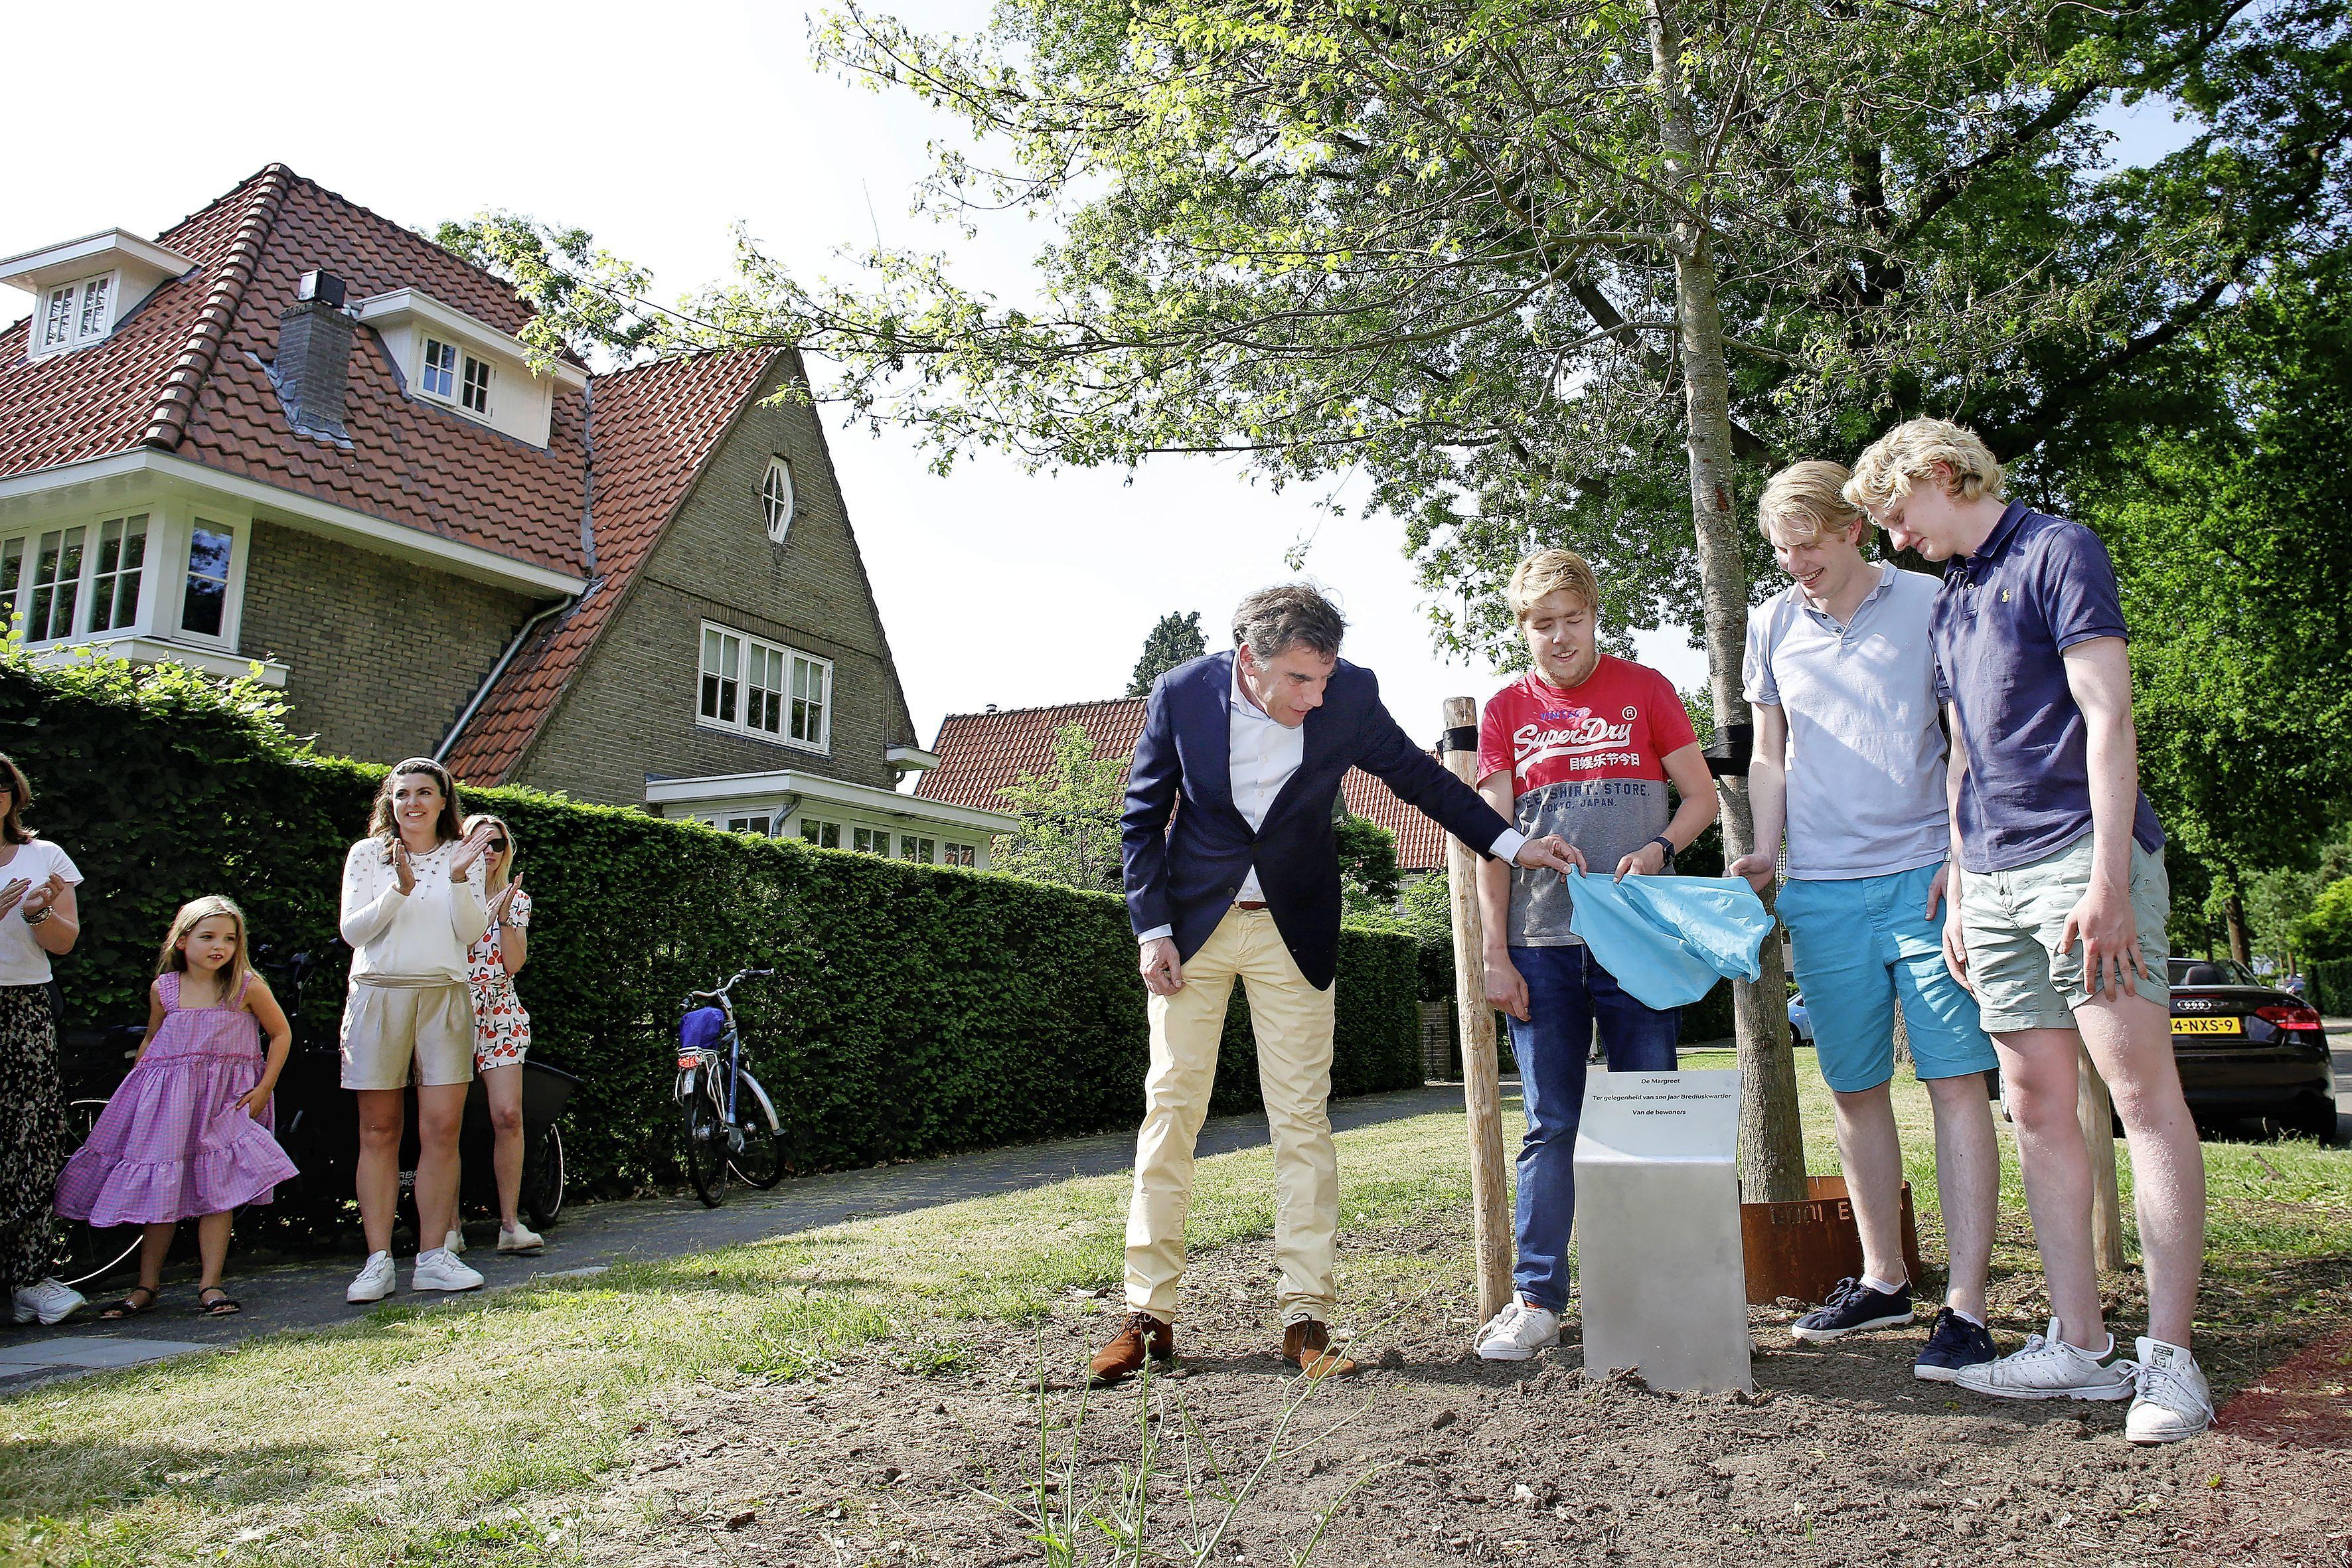 Moeraseik 'De Margreet' nieuwe ontmoetingsplek voor Brediuskwartier in Bussum. Cadeau van en voor buurtbewoners vernoemd naar overleden Margreet van Voorst tot Voorst